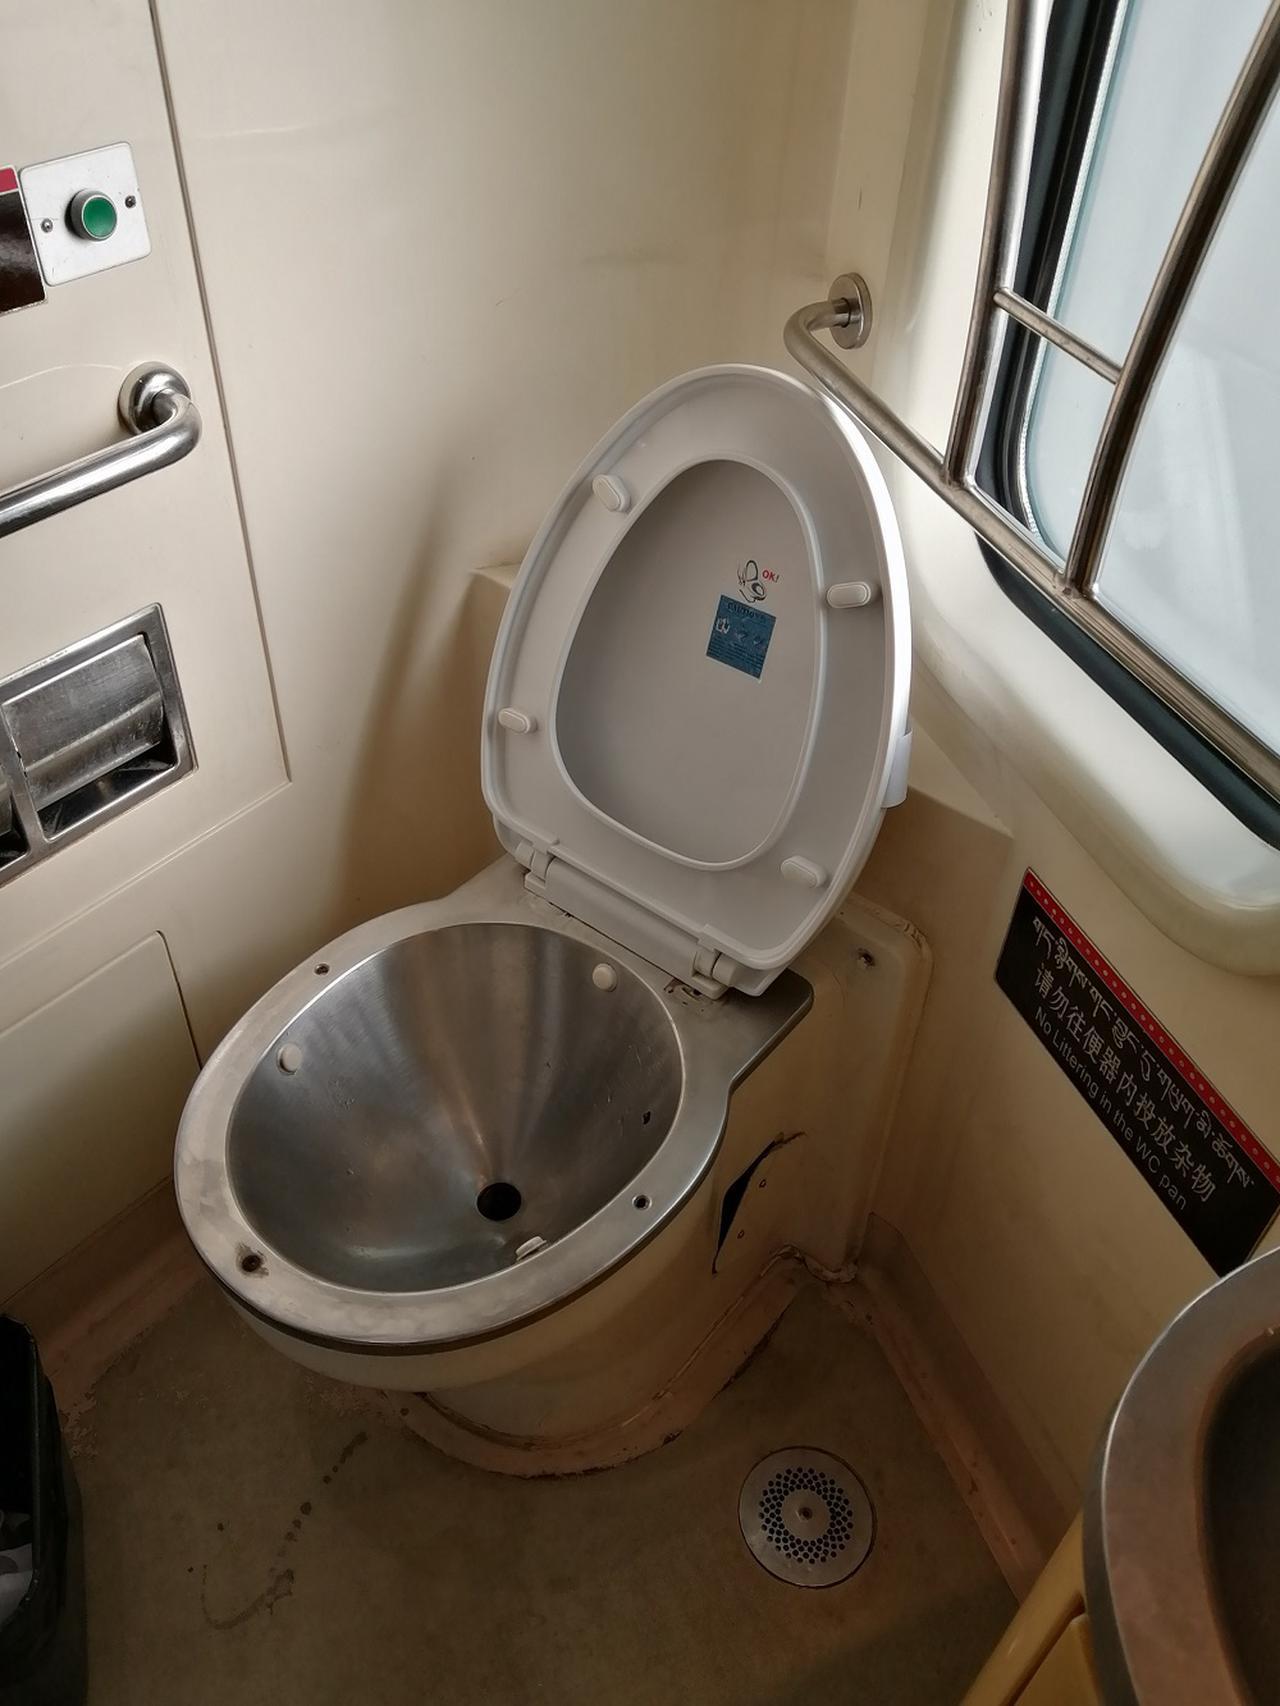 画像: トイレが各車両に2つ設置。和式の方が数が多い。トイレットペーパーは携帯必須です。